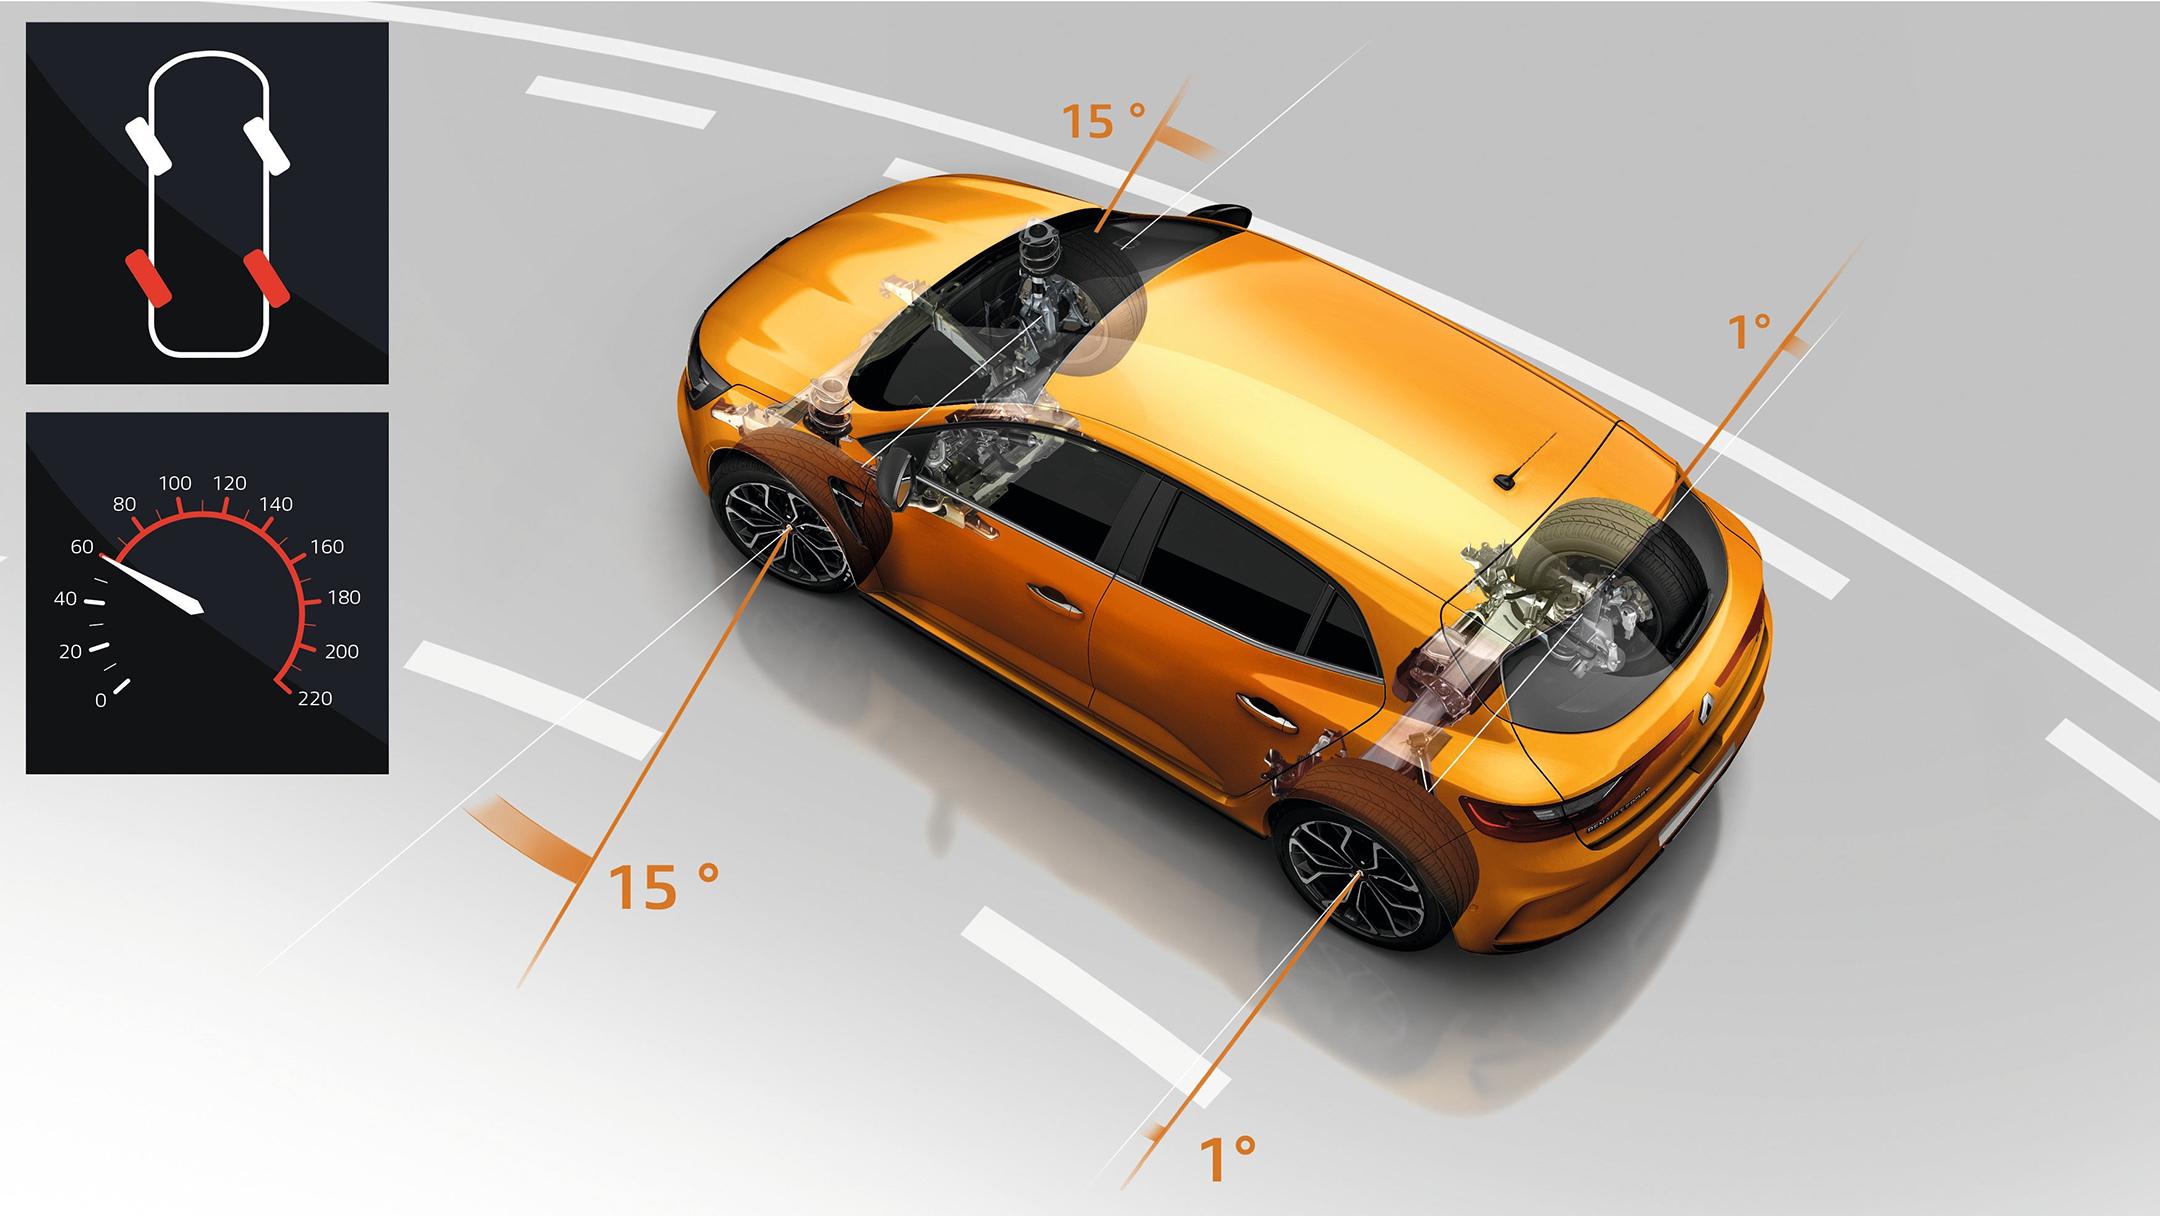 Renault Mégane R.S. - 2017 - châssis 4CONTROL à plus de 60 km/h